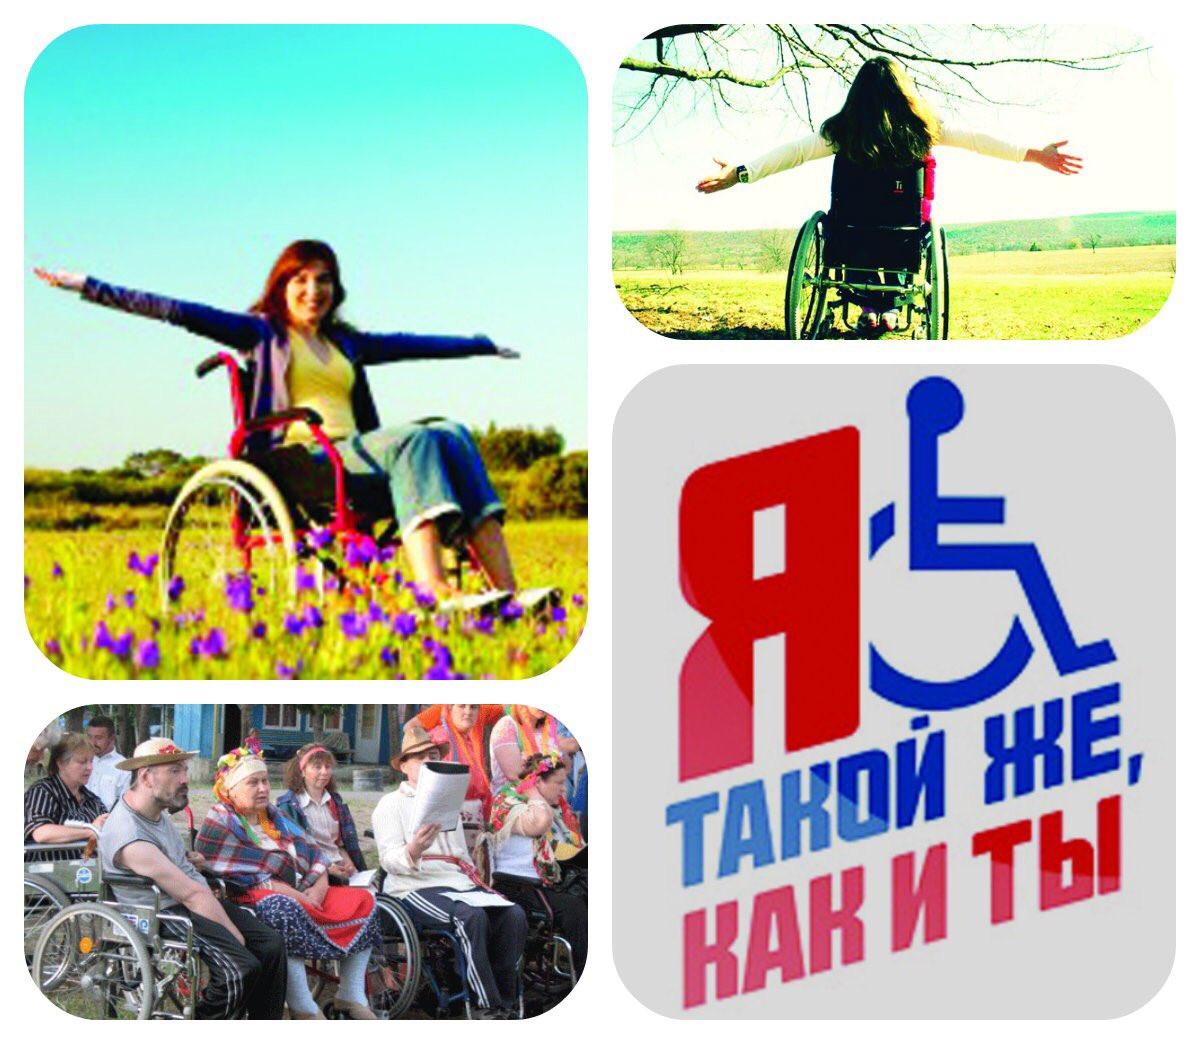 Международный день инвалидов картинки фото, утро картинки смешные